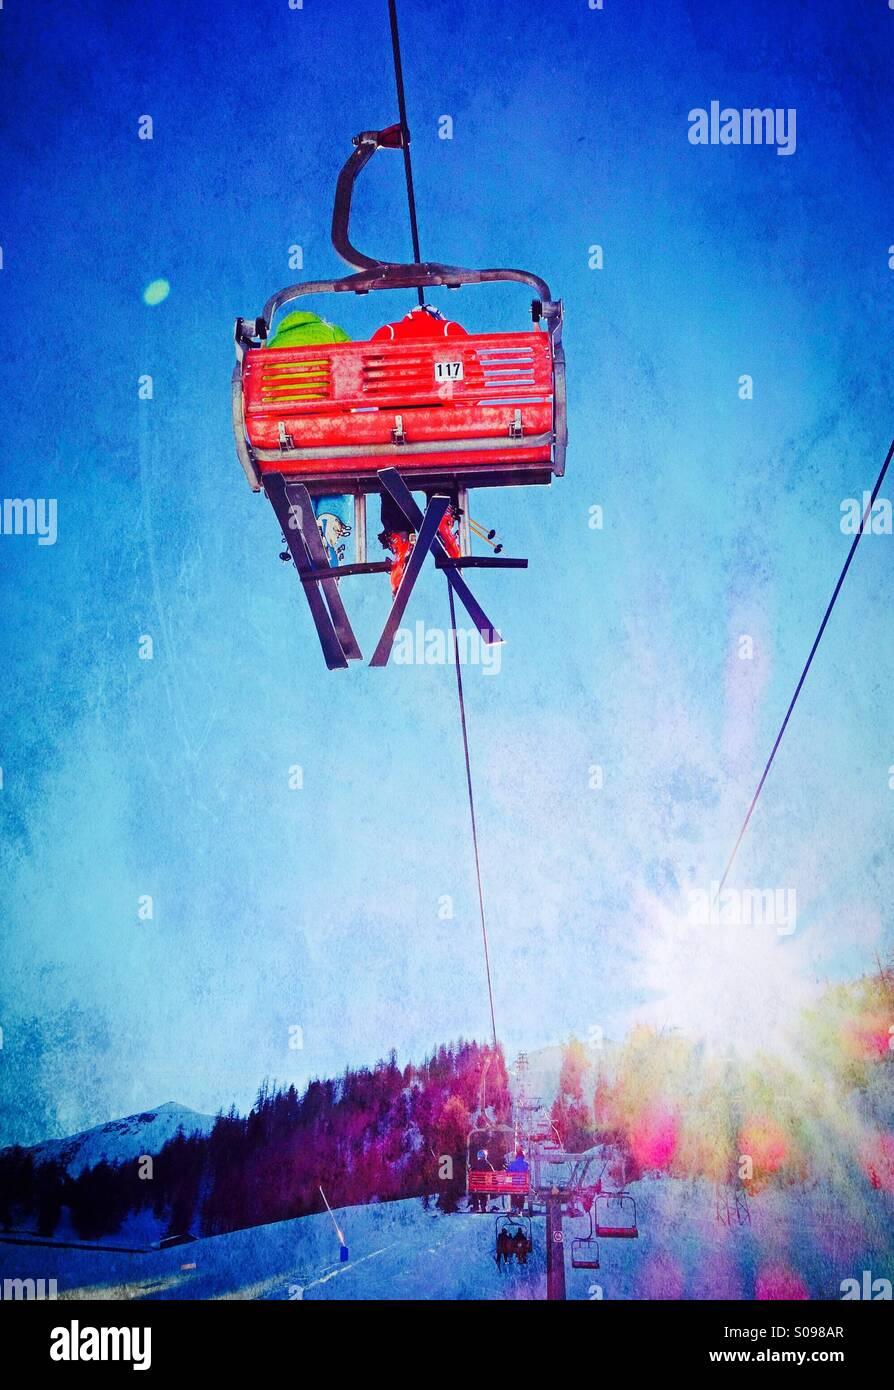 Skifahrer reiten ein Sessellift bis zum Gipfel Berges Stockbild